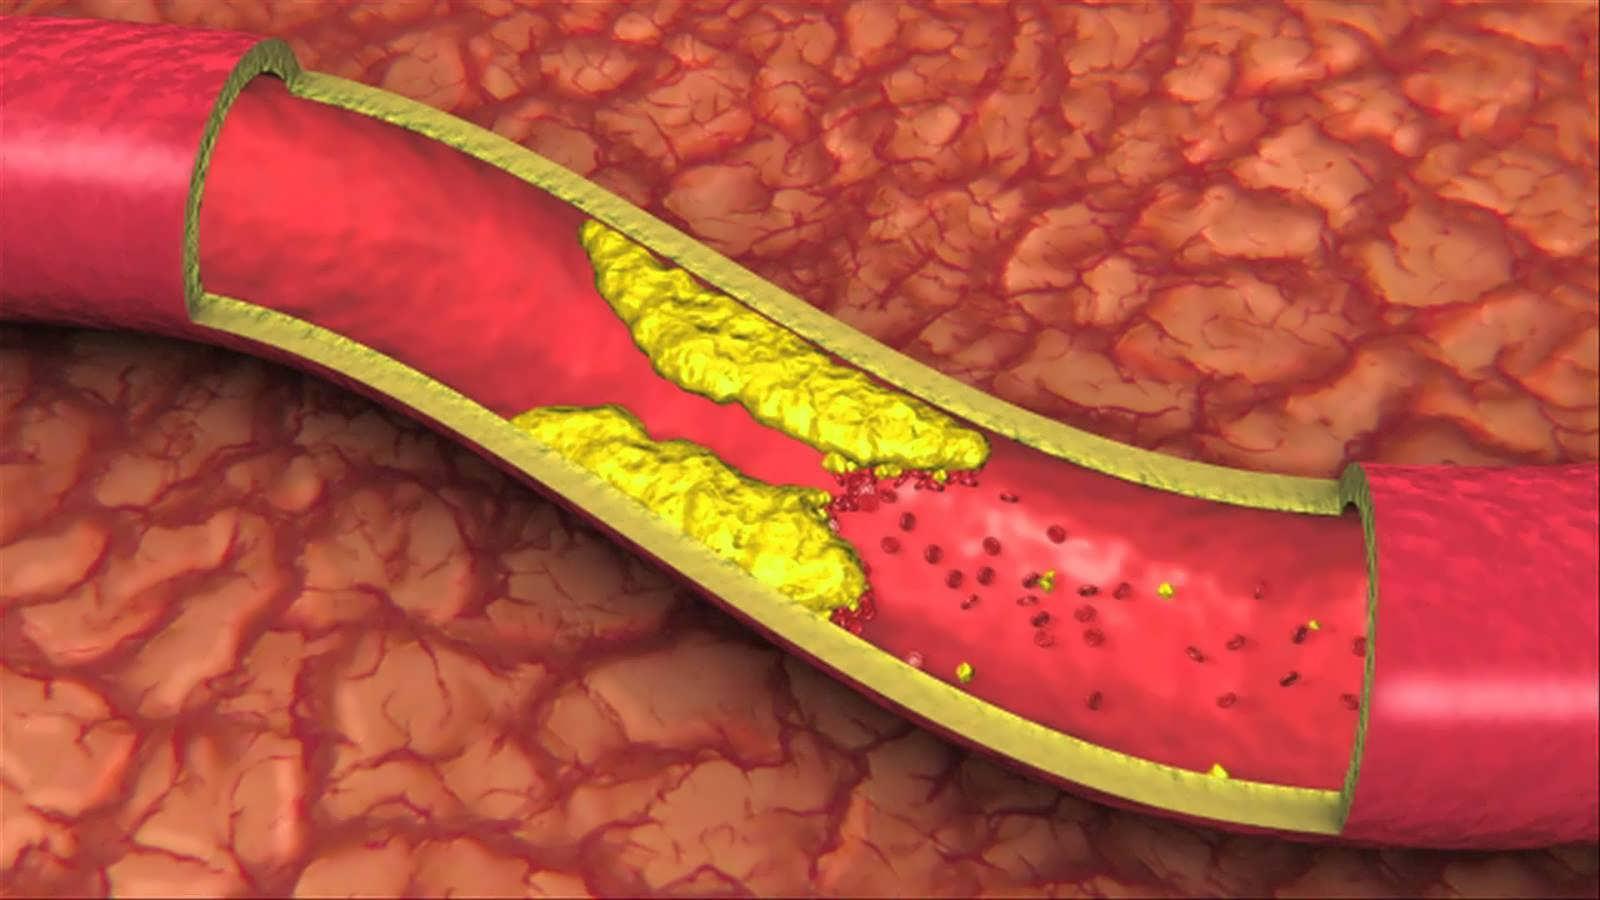 مبتلایان به چربی خون مصرف این خوراکی ترش را فراموش نکنند